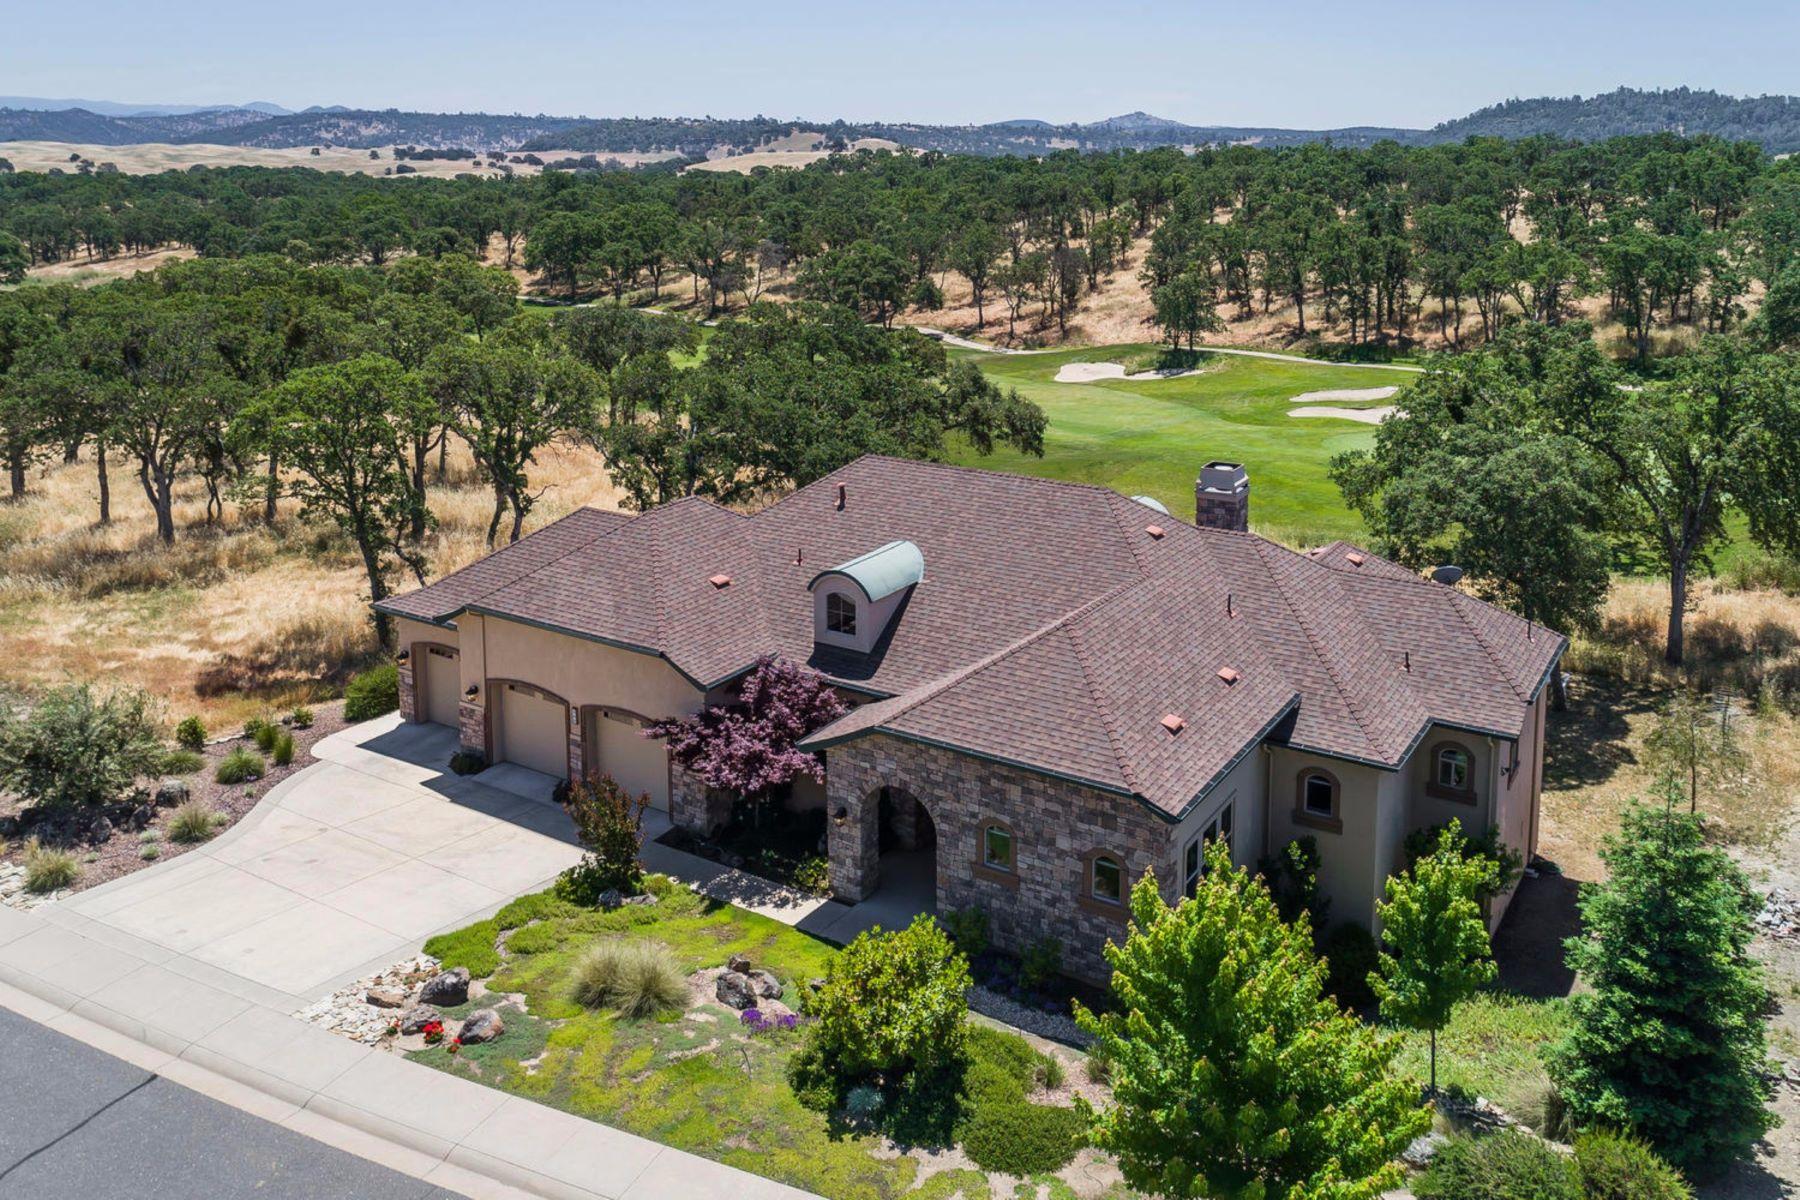 Частный односемейный дом для того Продажа на 409 Knolls Drive Copperopolis, Калифорния 95228 Соединенные Штаты